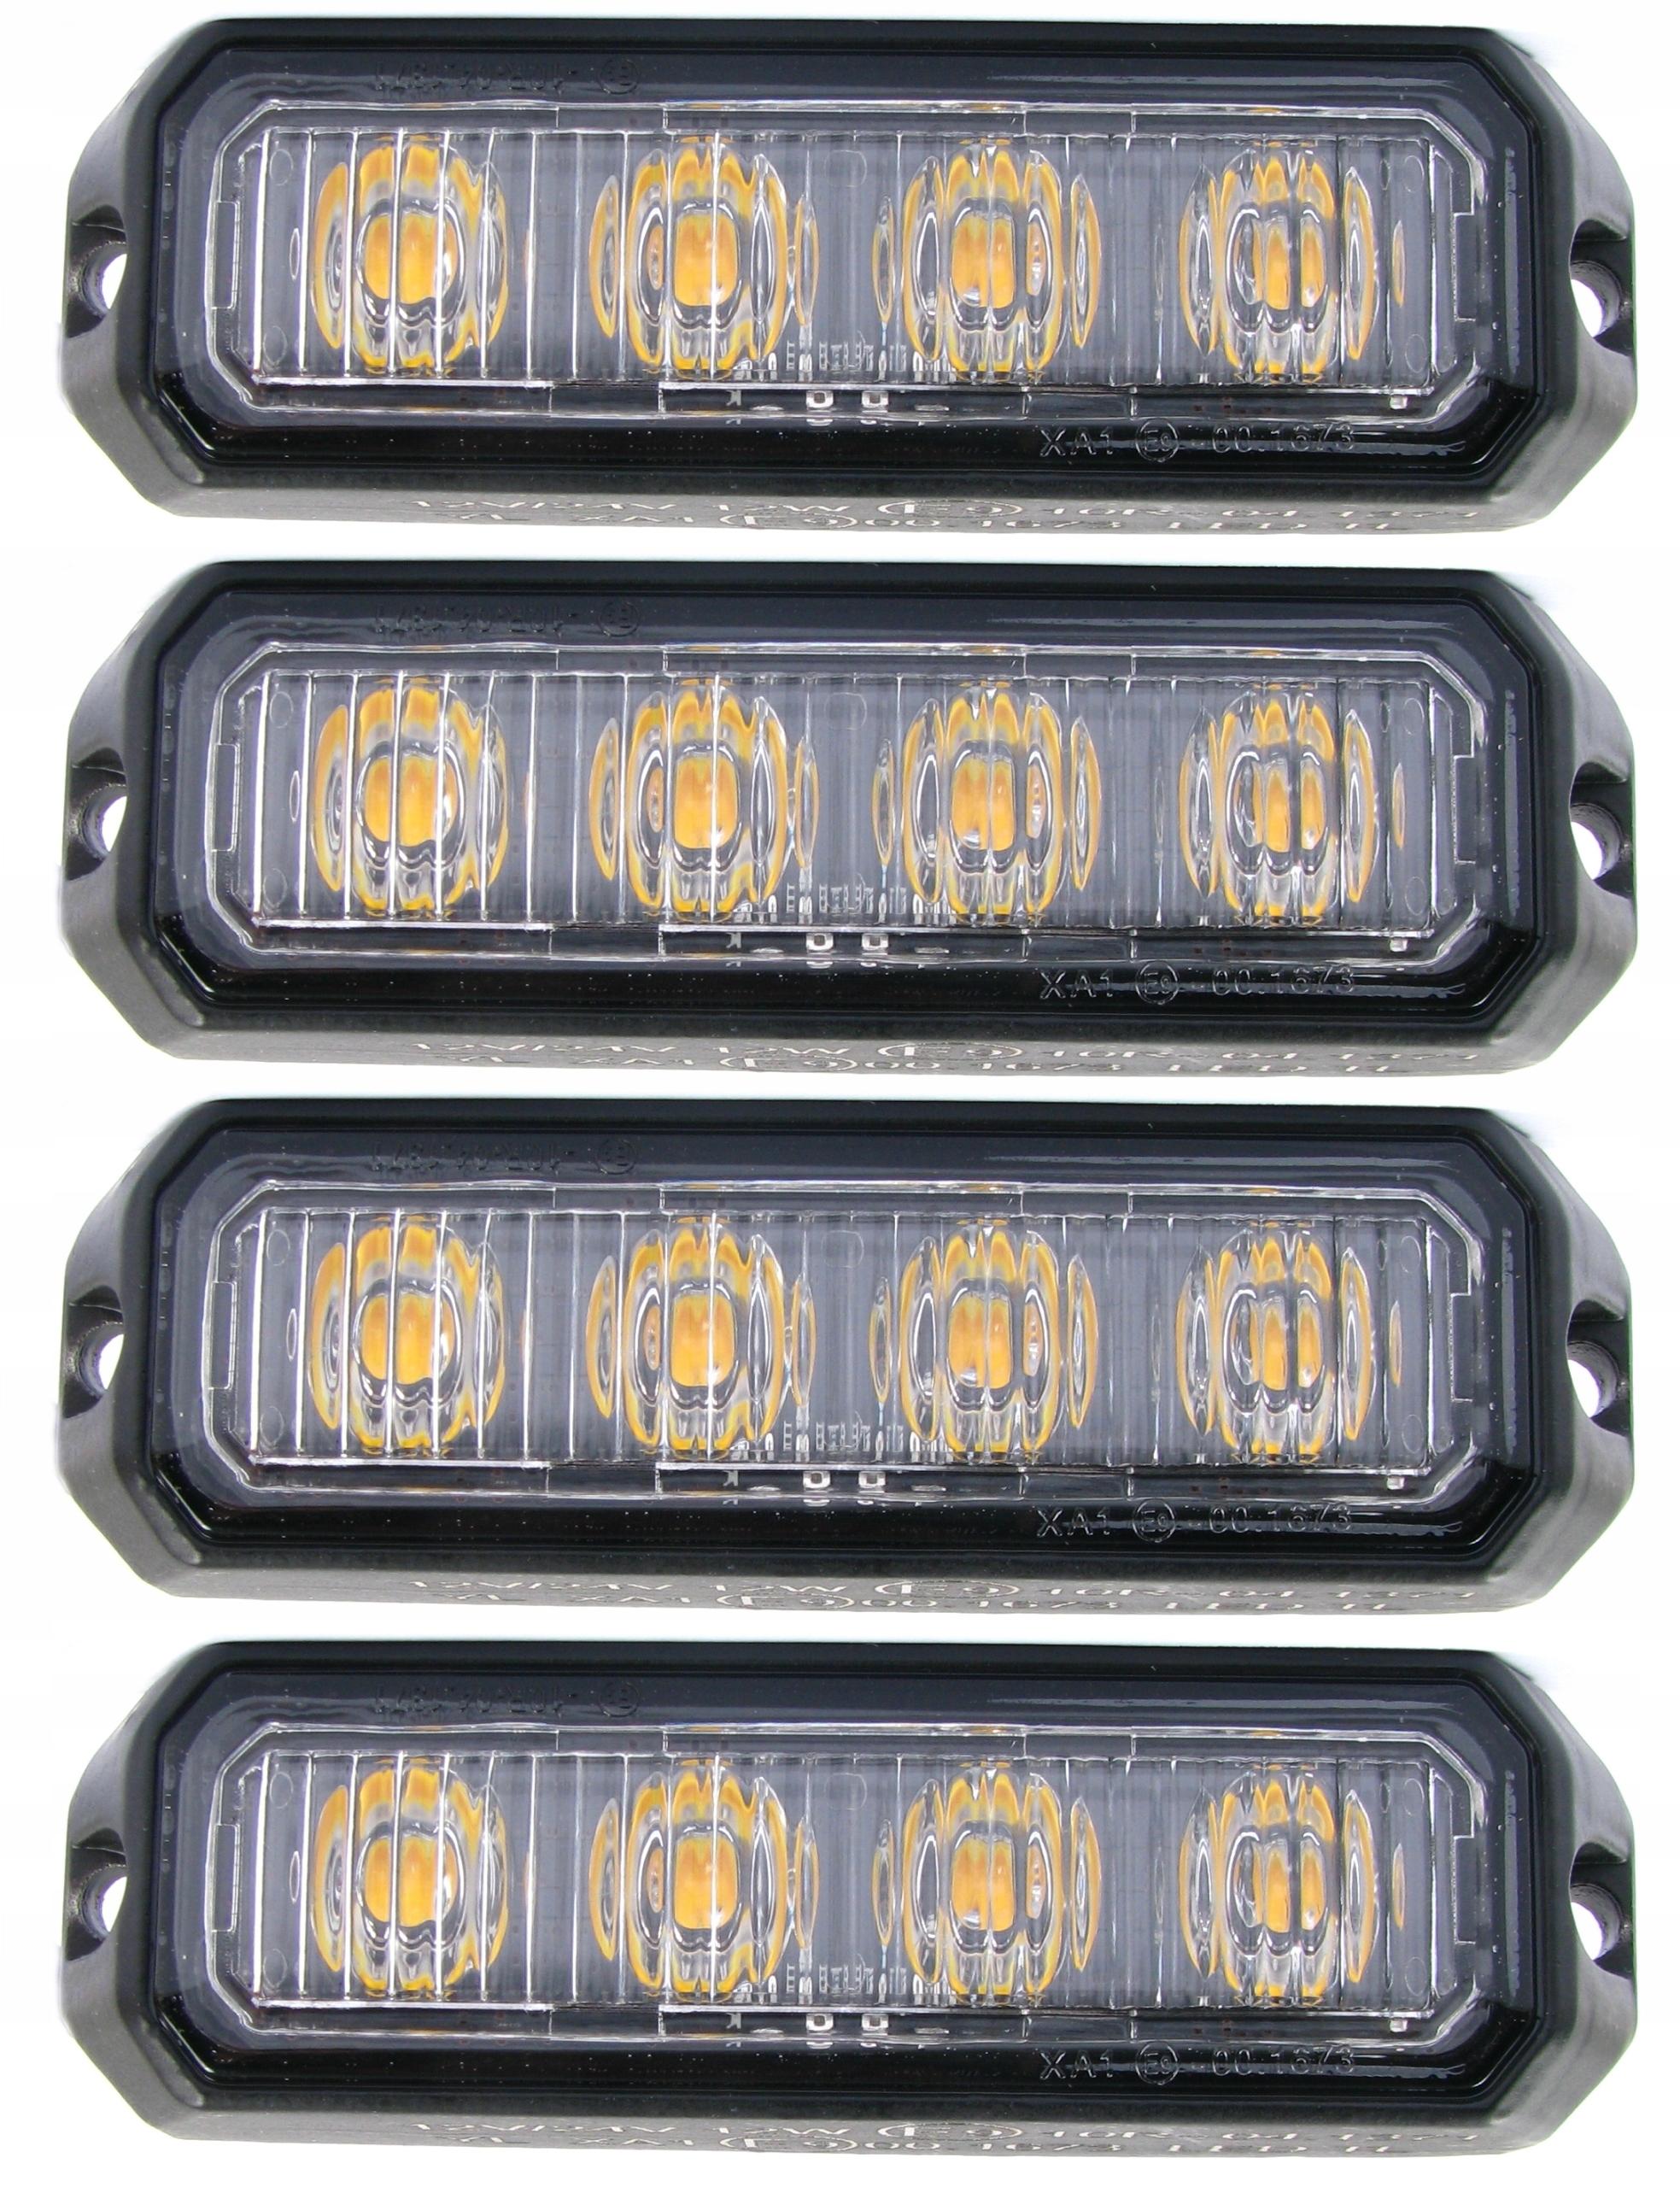 лампа 4 led предупреждения x4 стробоскоп помощь эвакуаторов